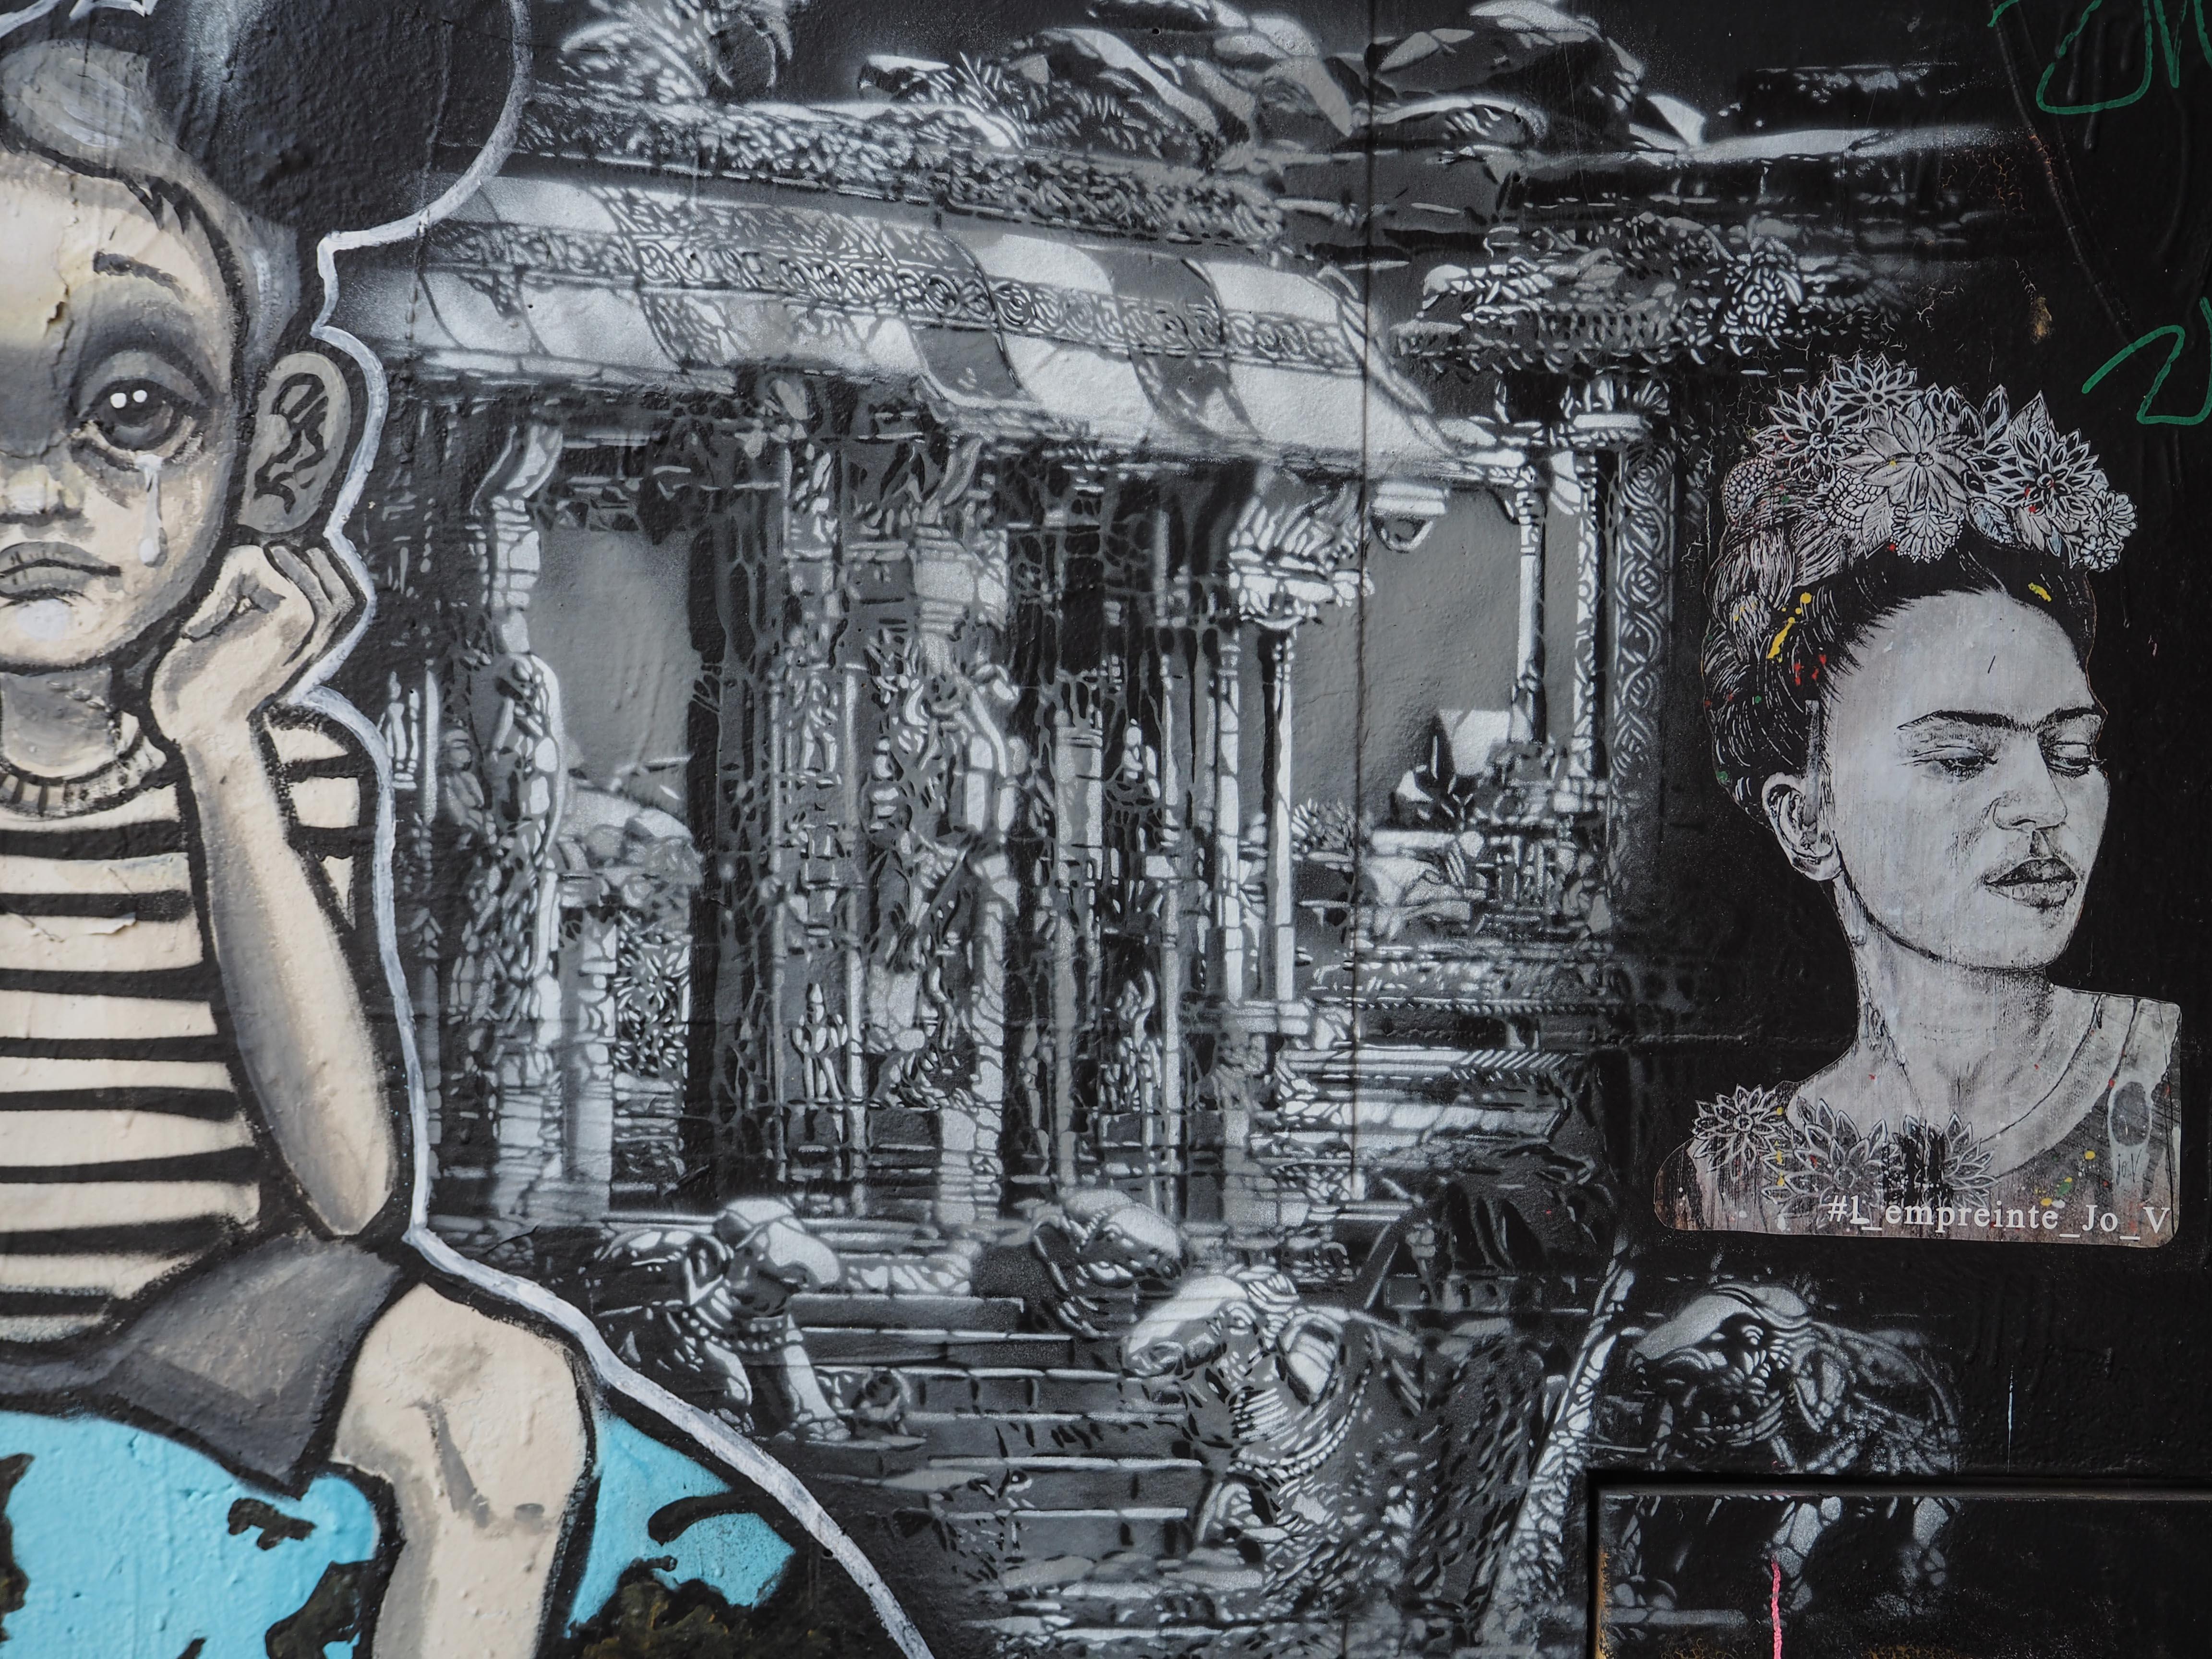 griechische Säulen von L´ Empreinte Jo V und angeschnittenes Kind von Lolie Darko